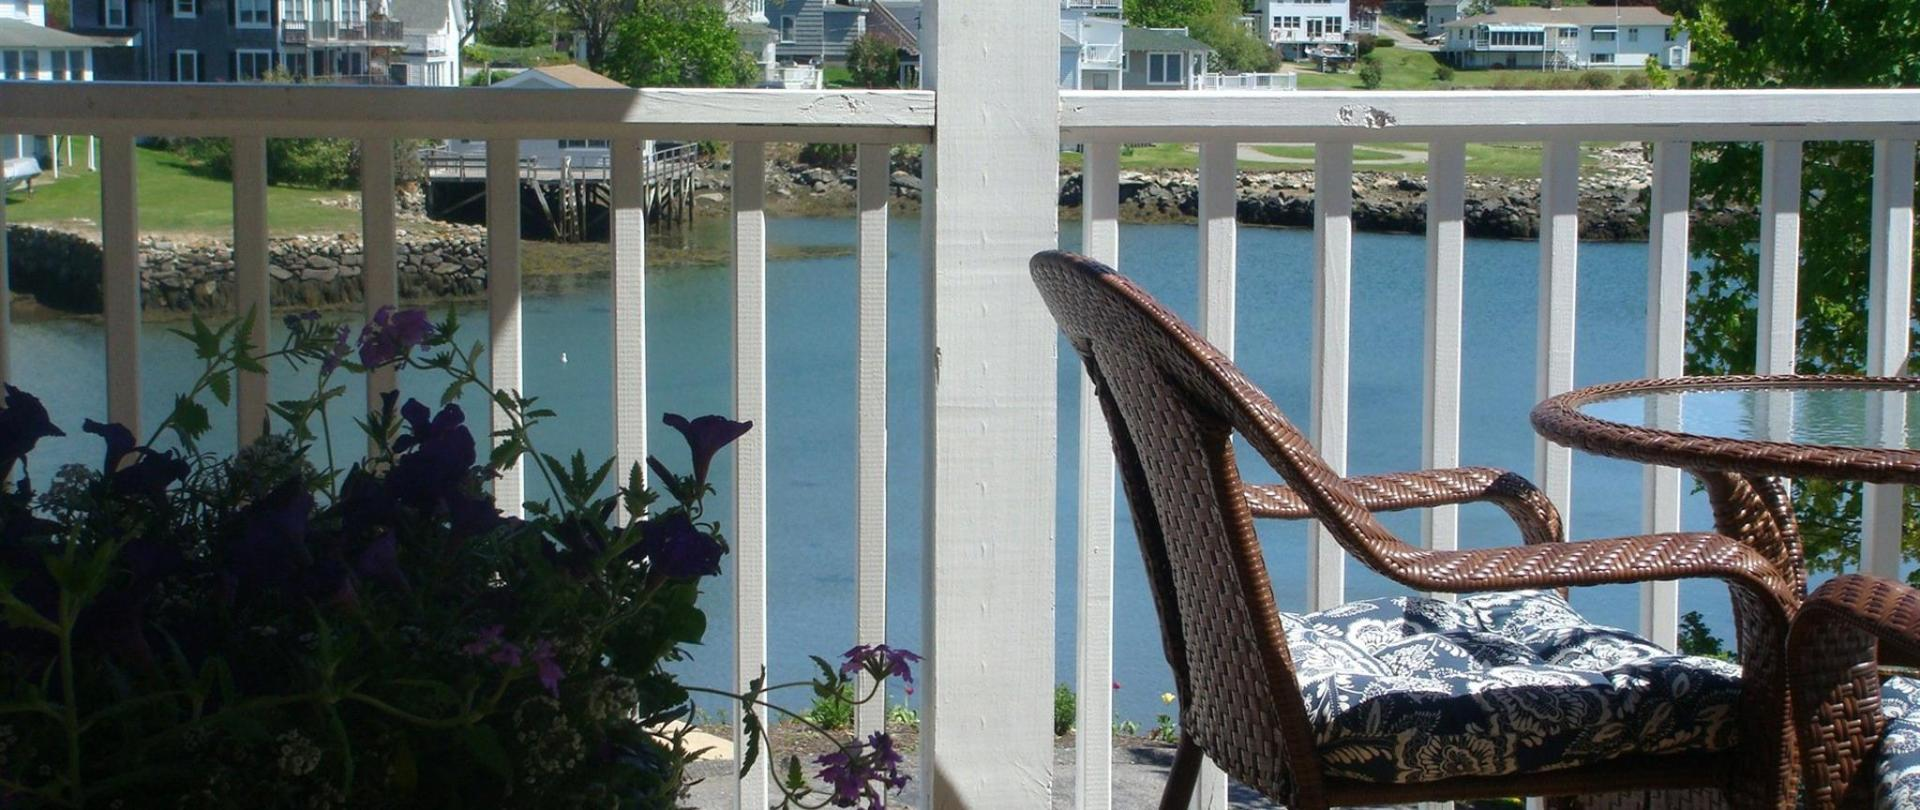 Porch Views.jpg